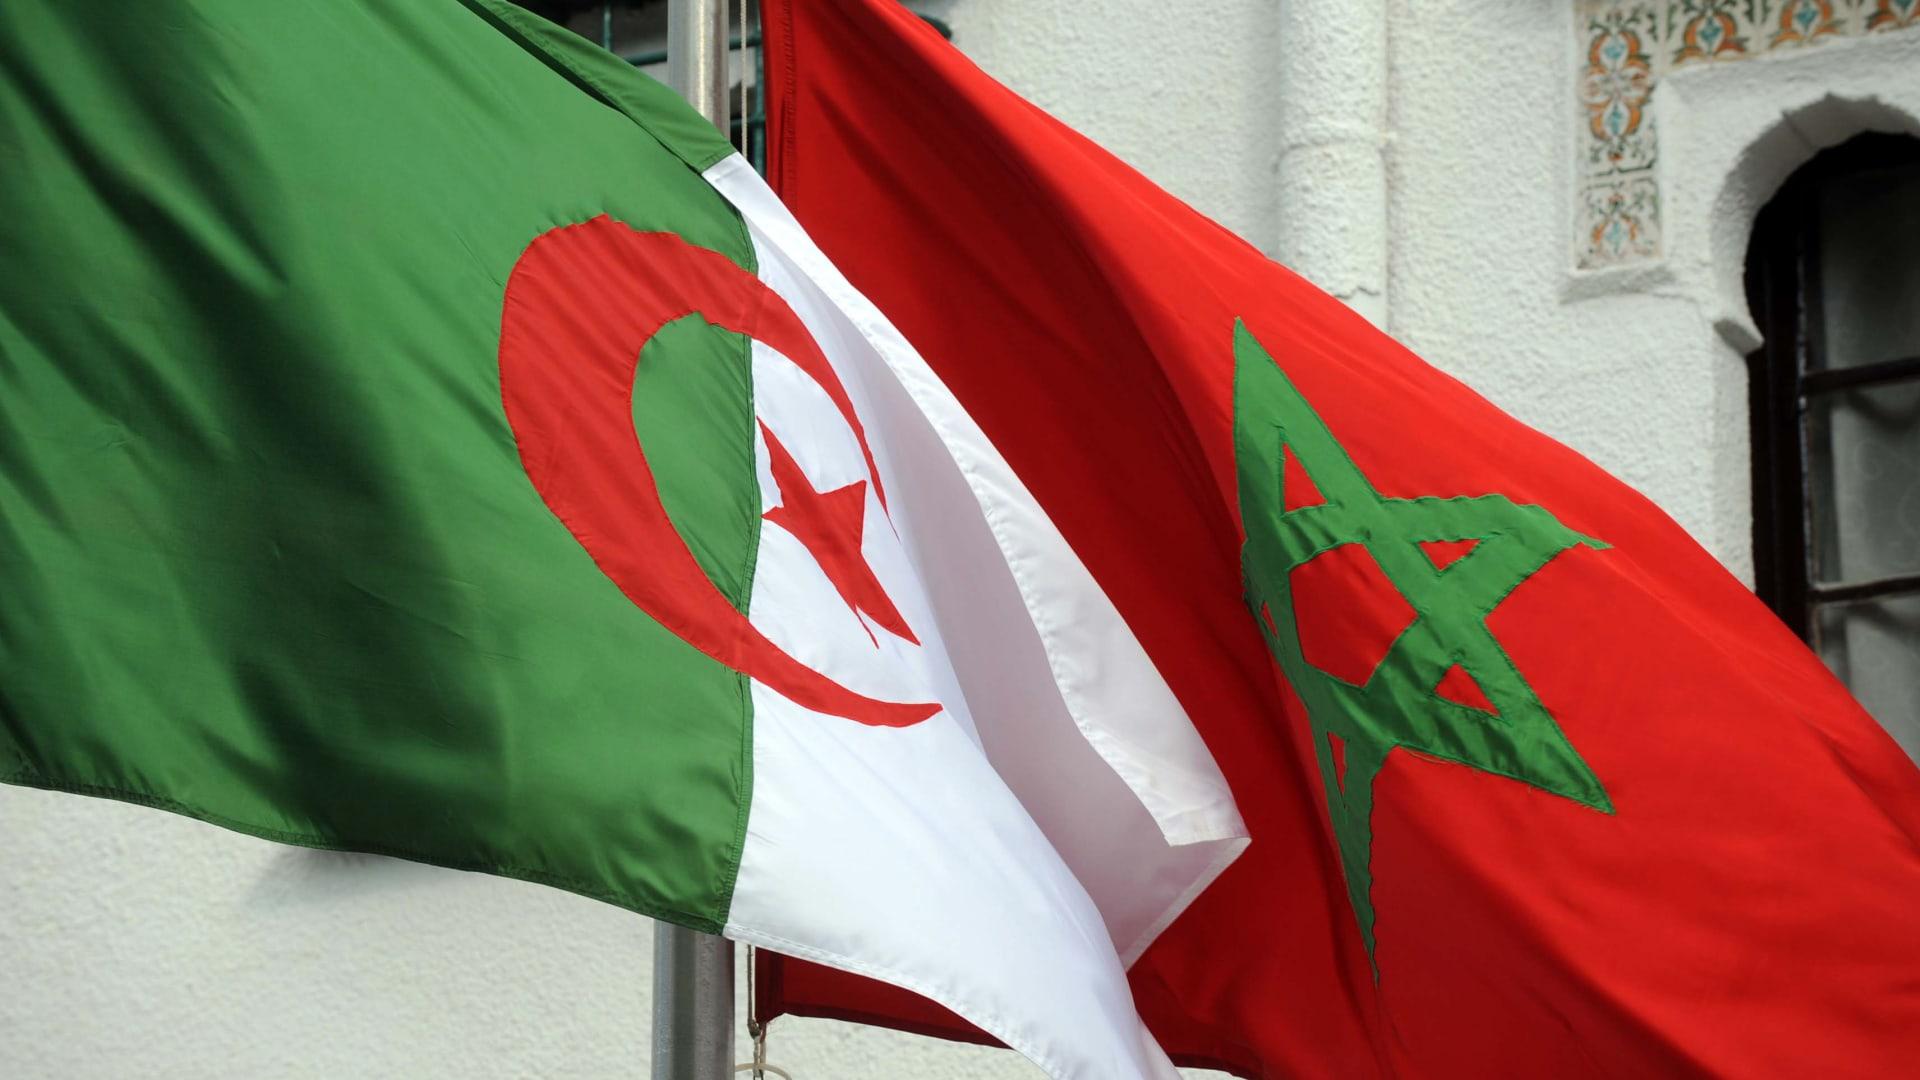 المغرب ترد على إعلان الجزائر قطع العلاقات الدبلوماسية معها